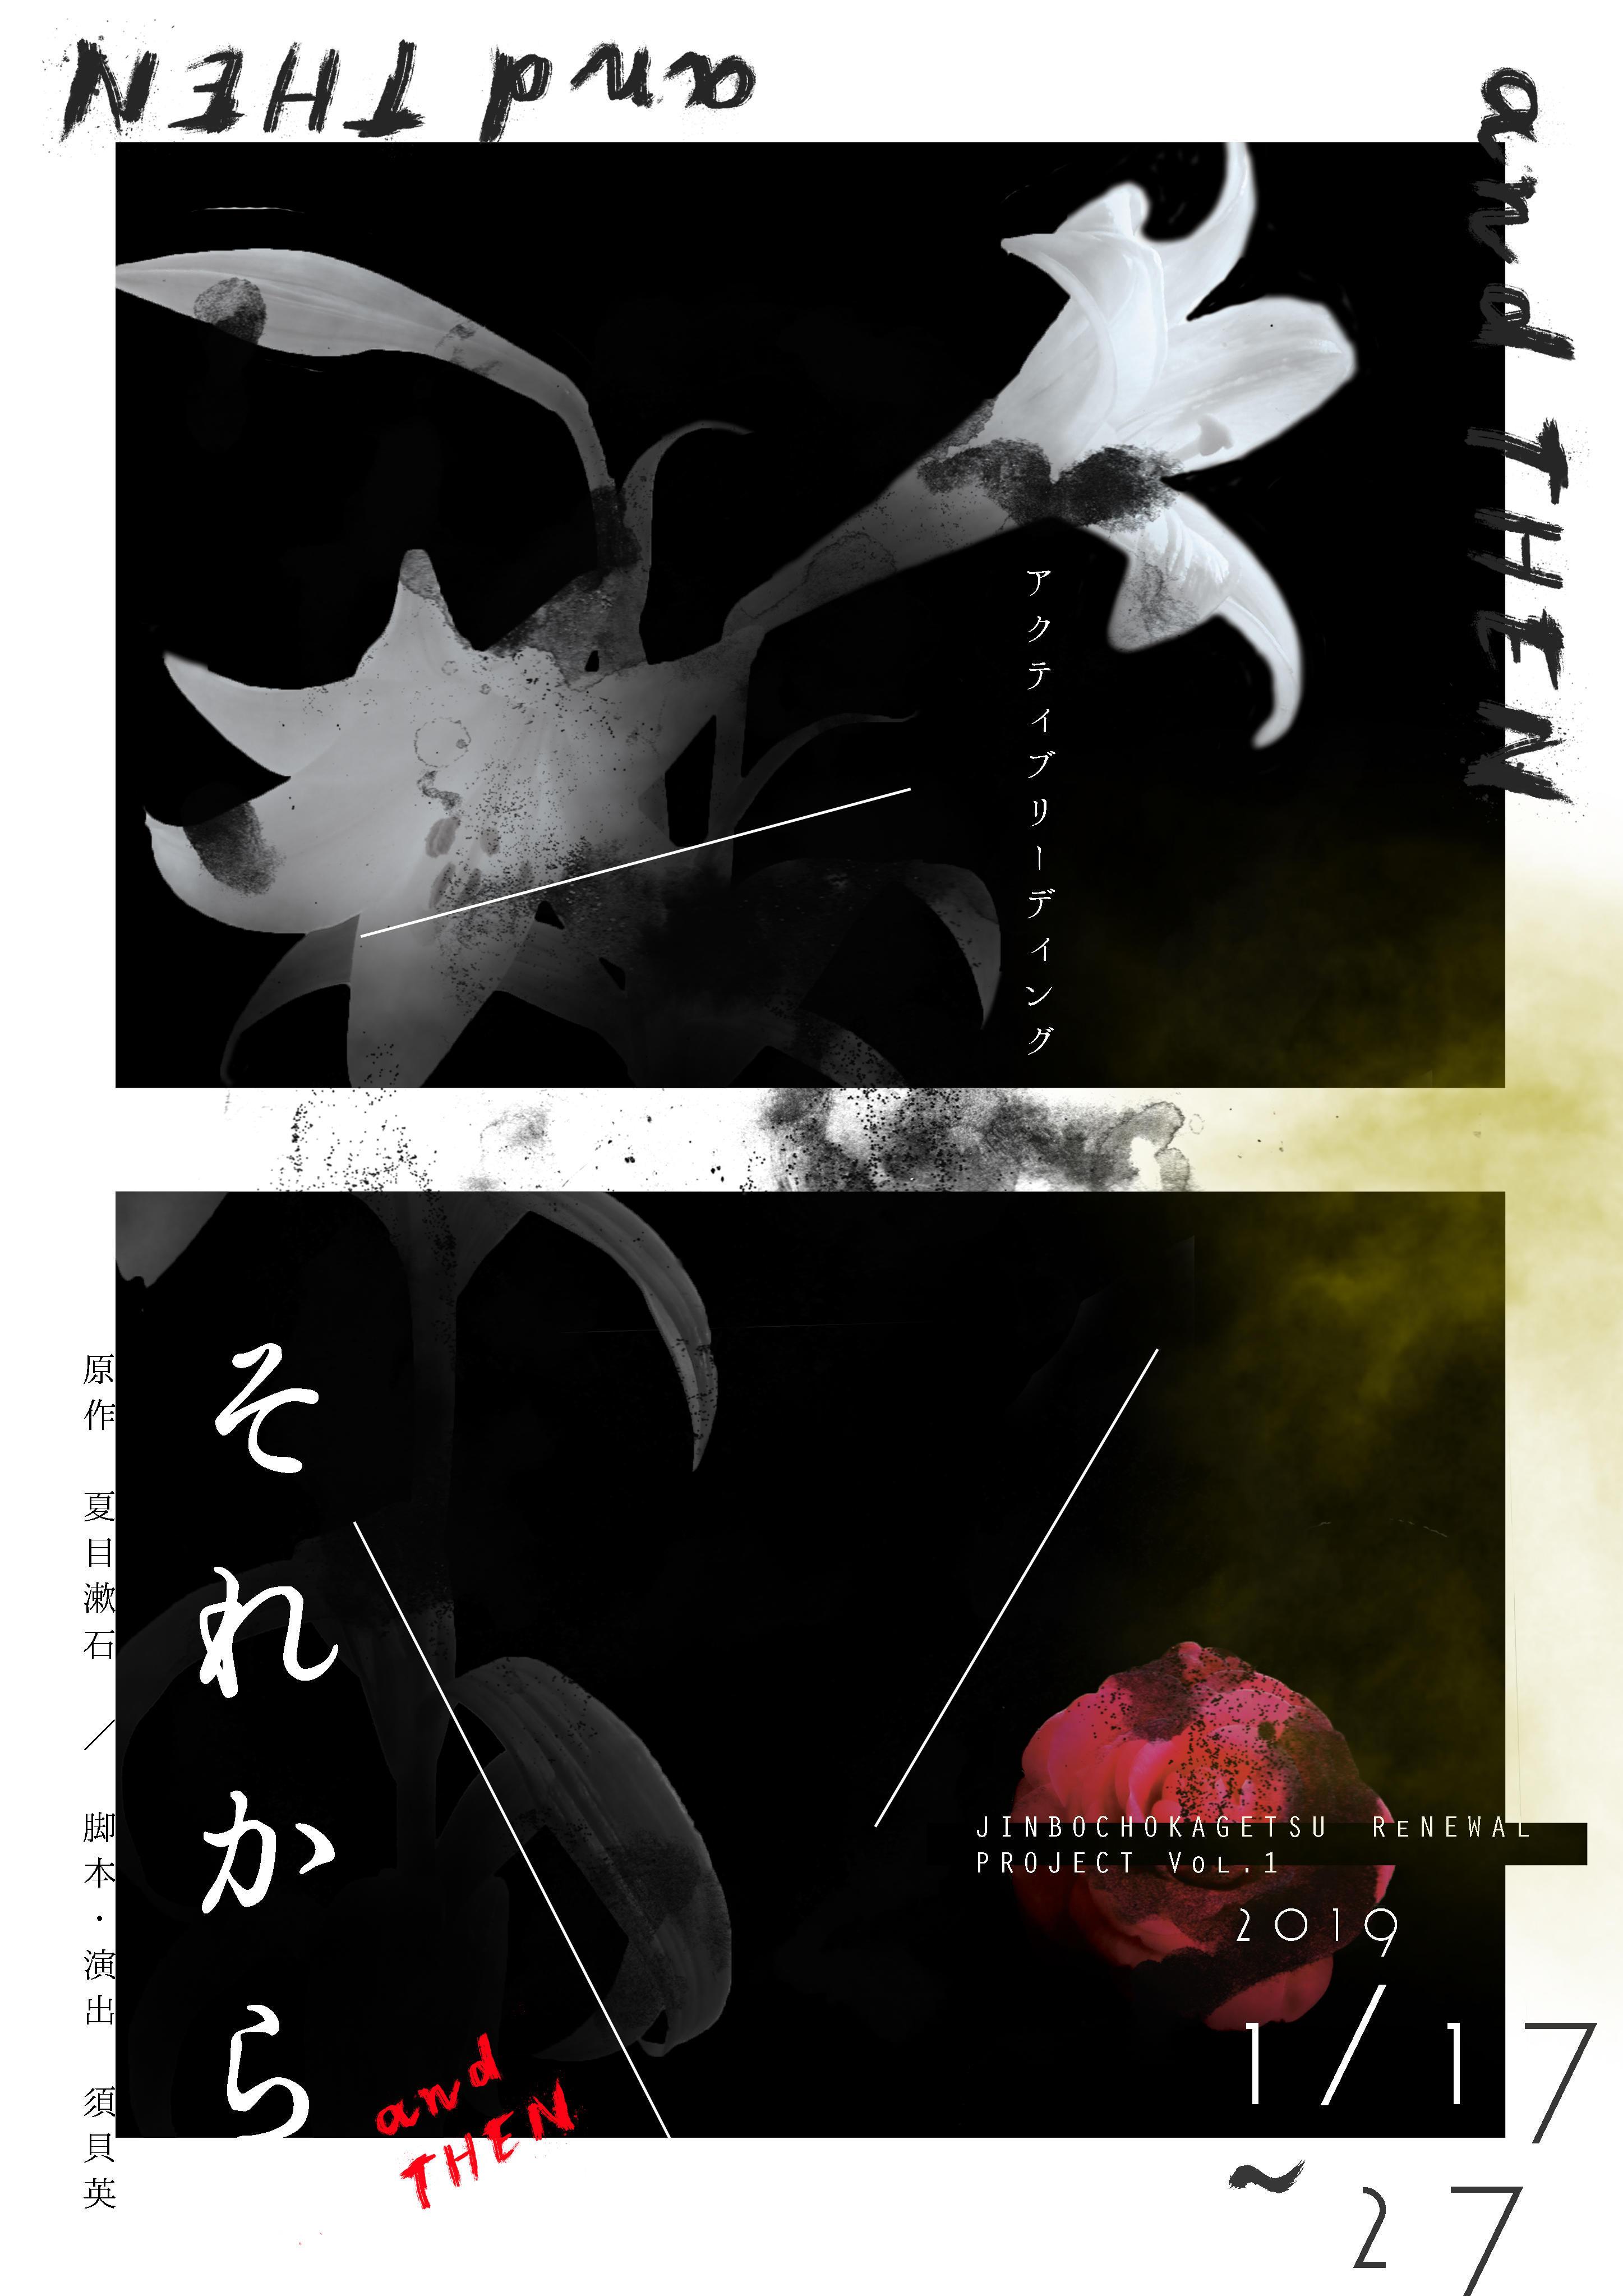 http://news.yoshimoto.co.jp/20181122191729-eeb223489c4ce3eb65f624850585d5e81ef135fa.jpg